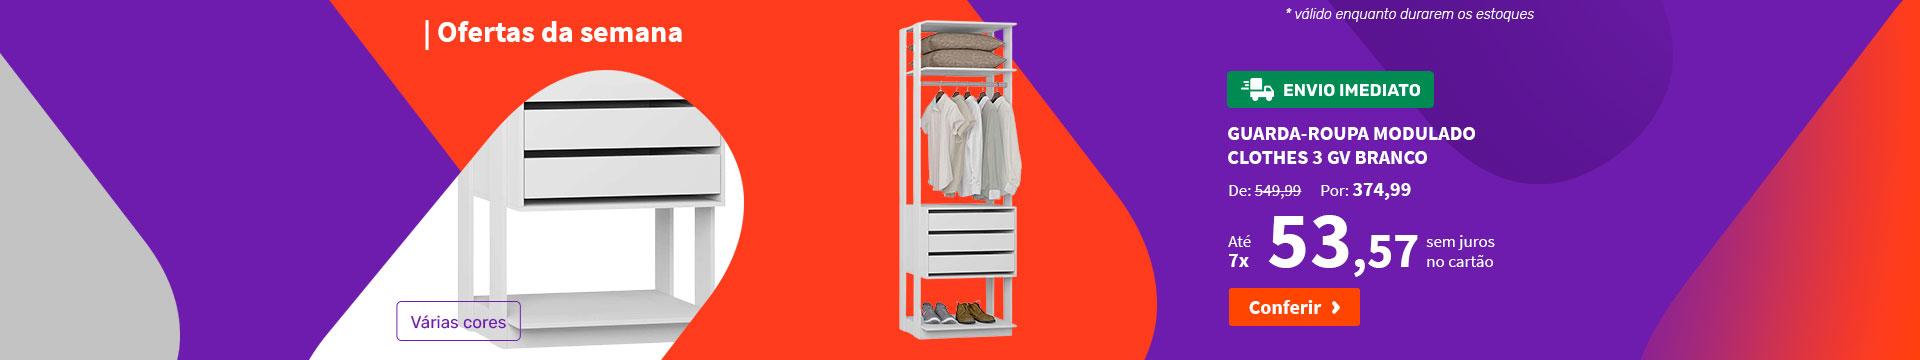 Guarda-Roupa Modulado Clothes 3 GV Branco - Ofertas da semana